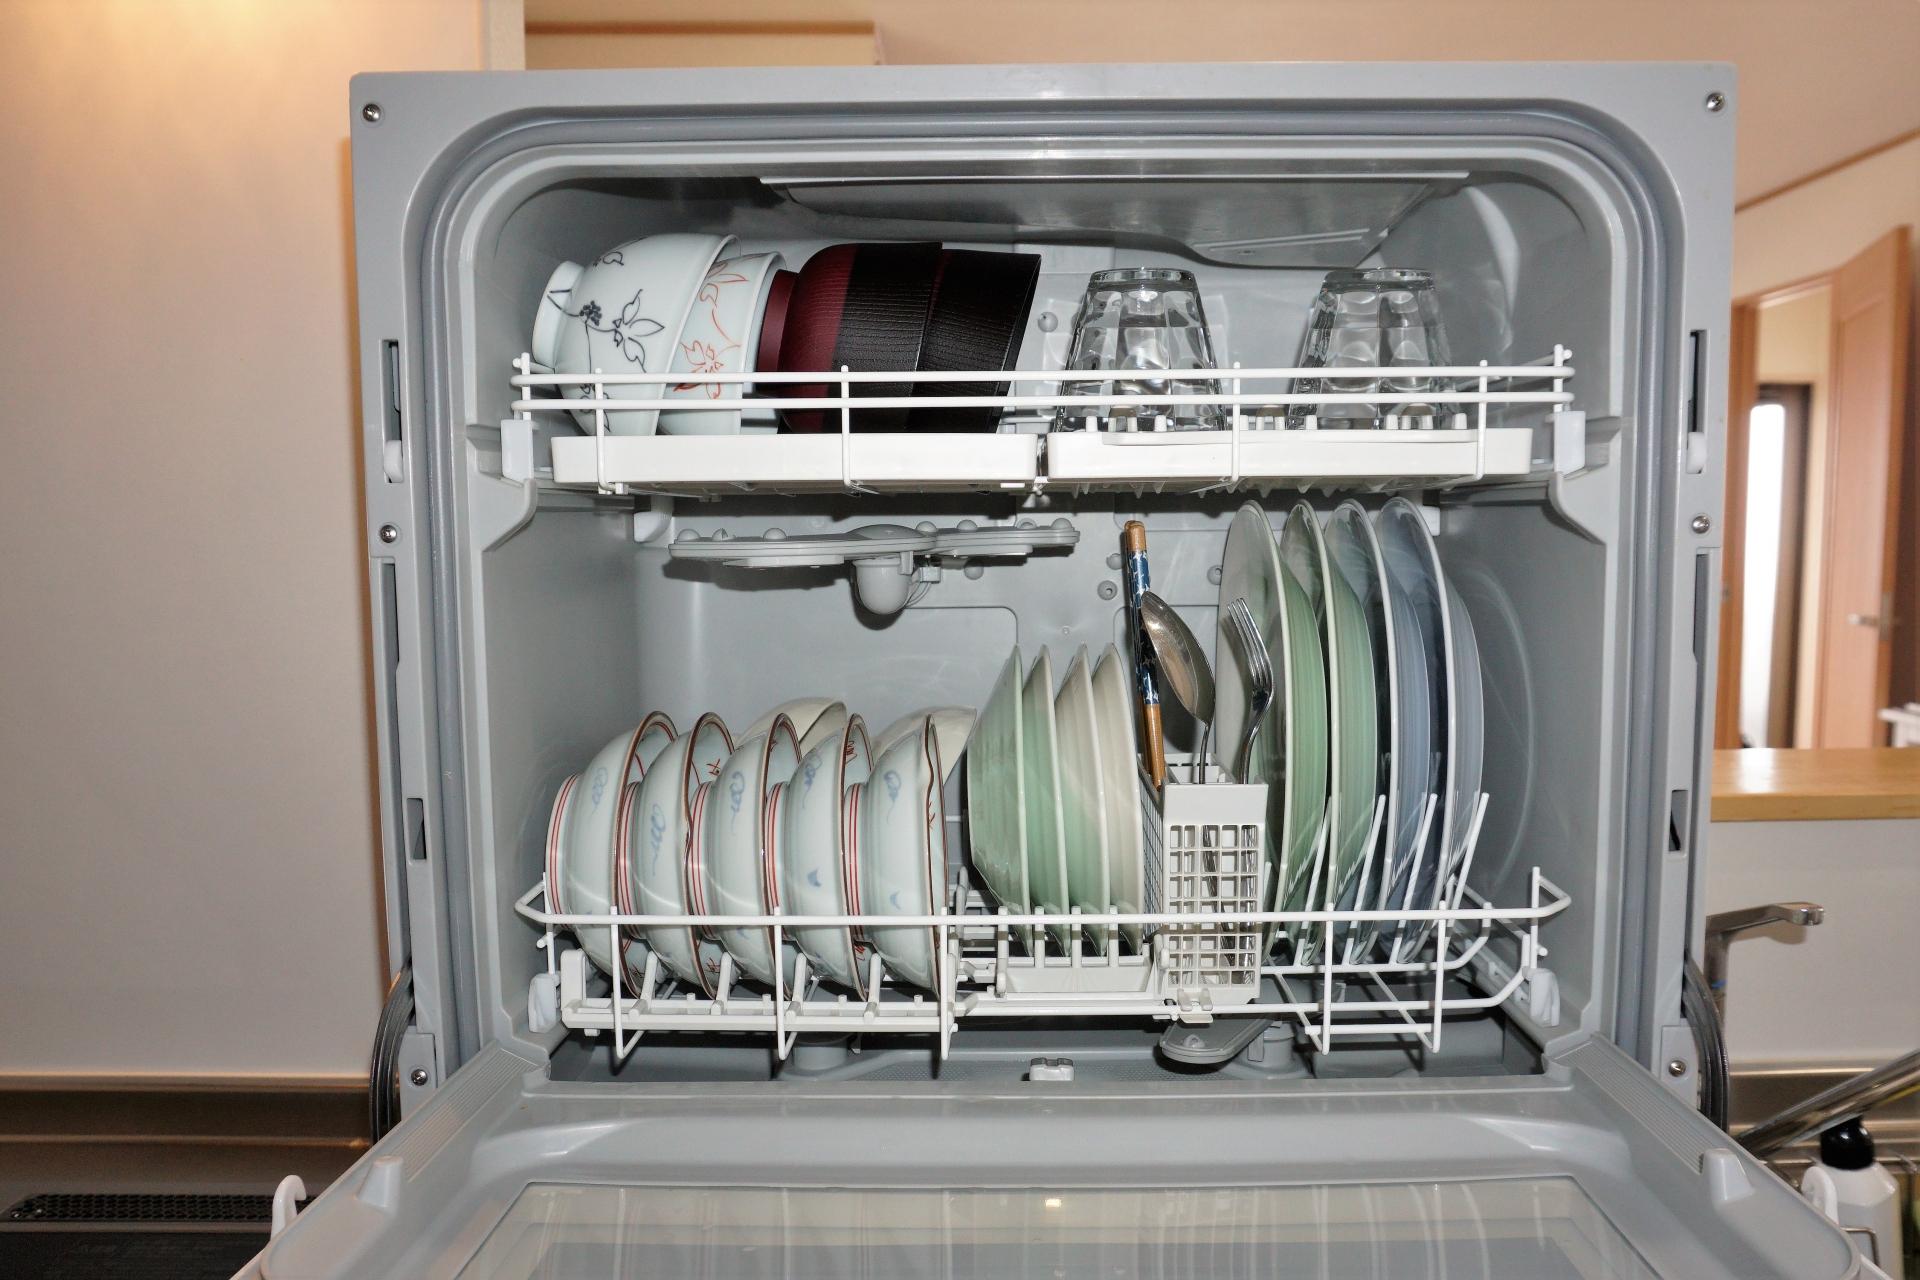 食洗器のメリット・デメリット。買わないのは洗濯物を手洗いするのと同じこと?